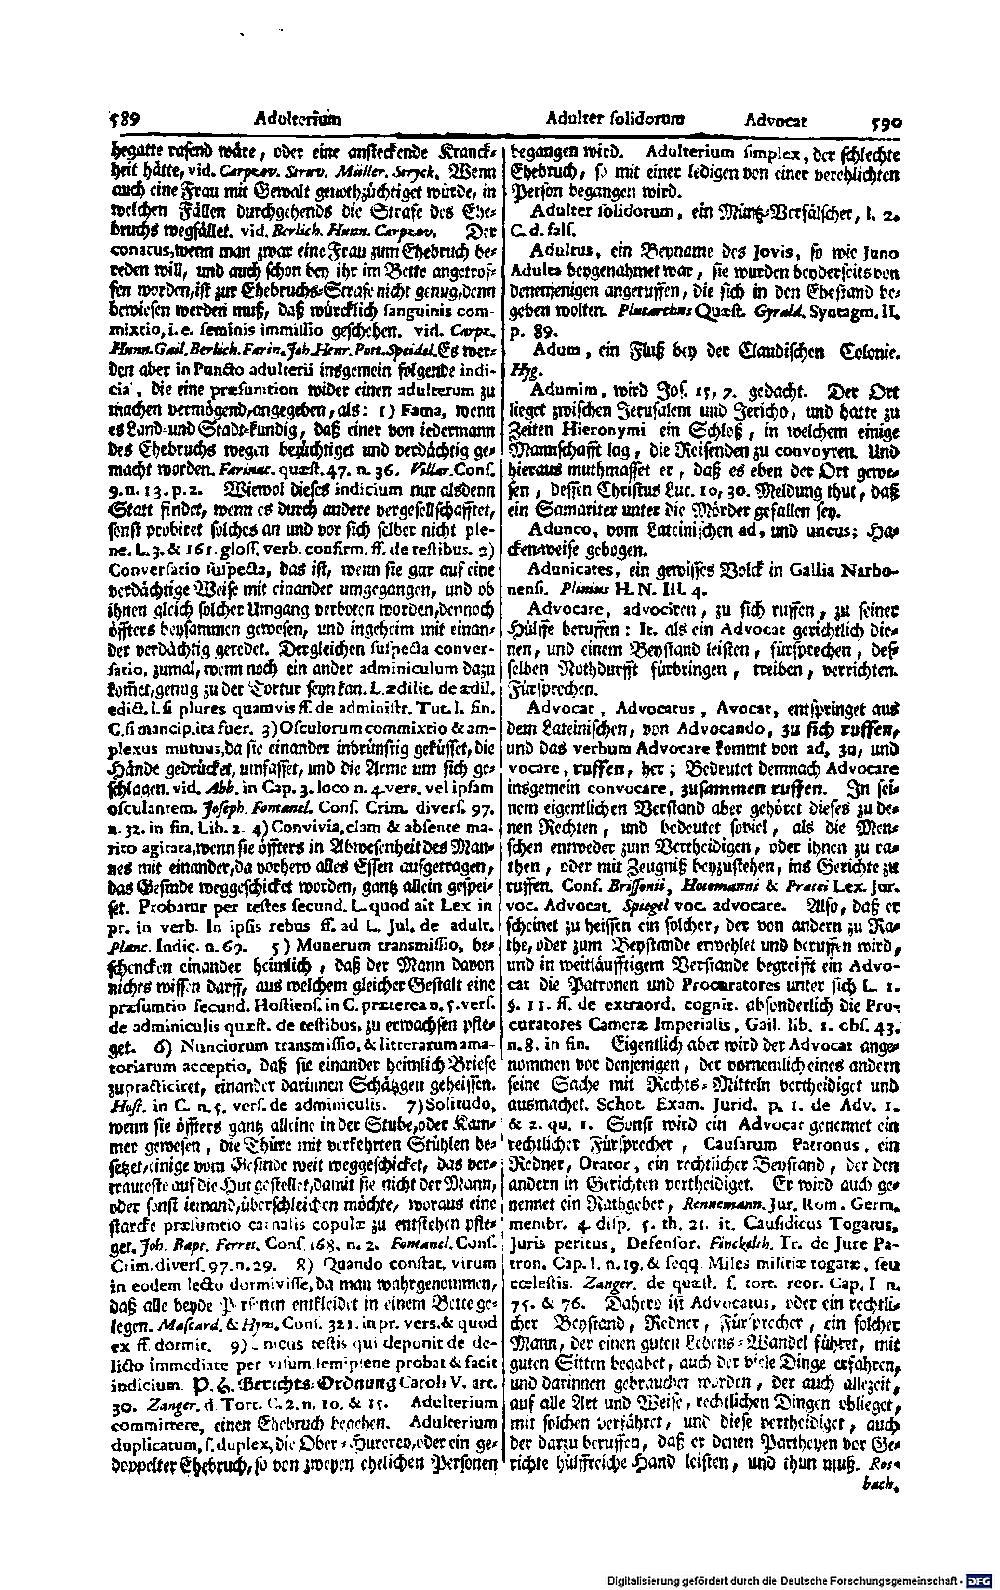 Bd. 01, Seite 0334.